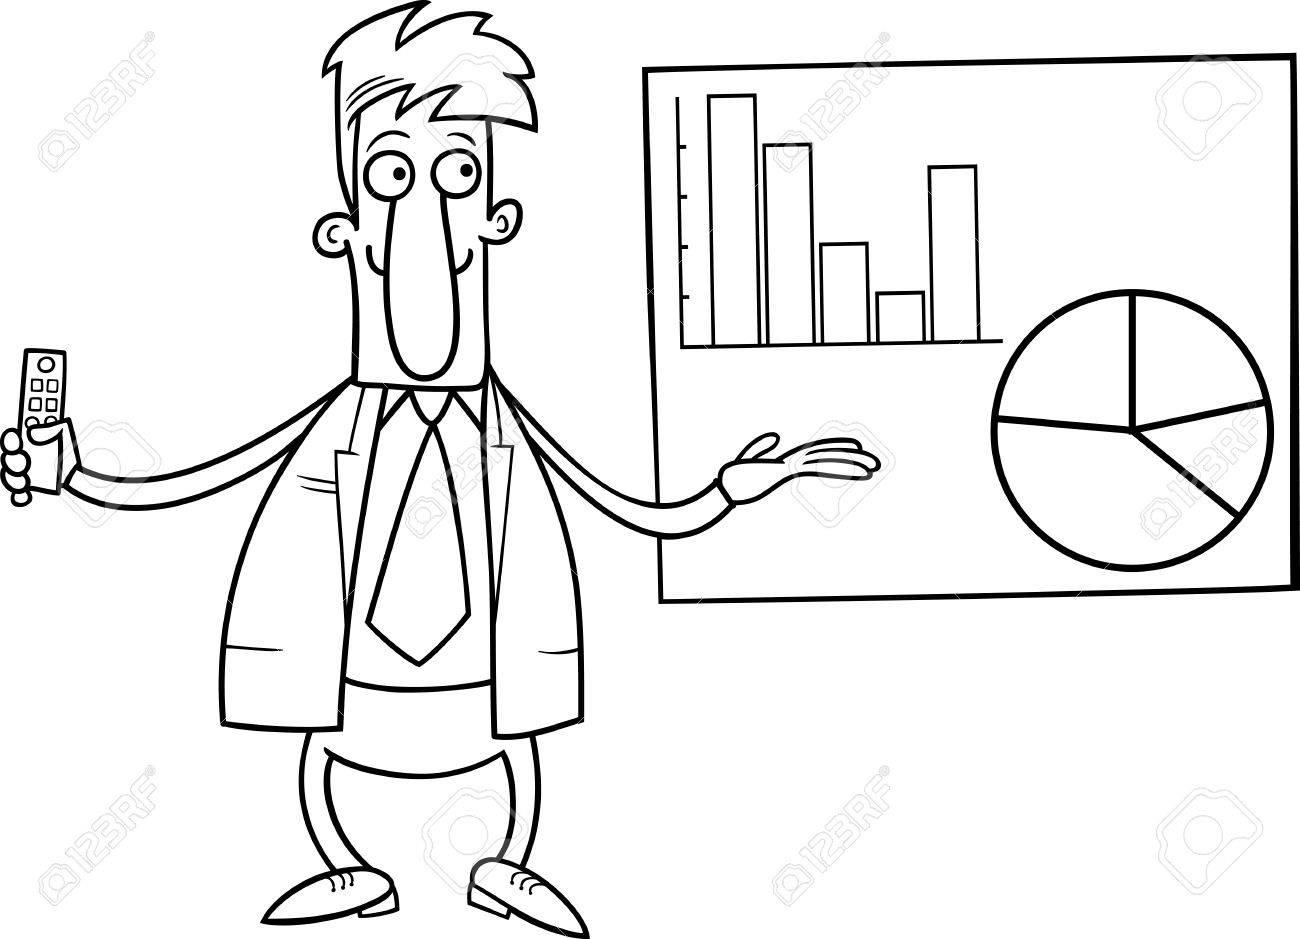 Animados Blanco Y Negro Ilustración De Hombre U Hombre De Negocios Que Hace Una Presentación De Negocios Para Coloring Book